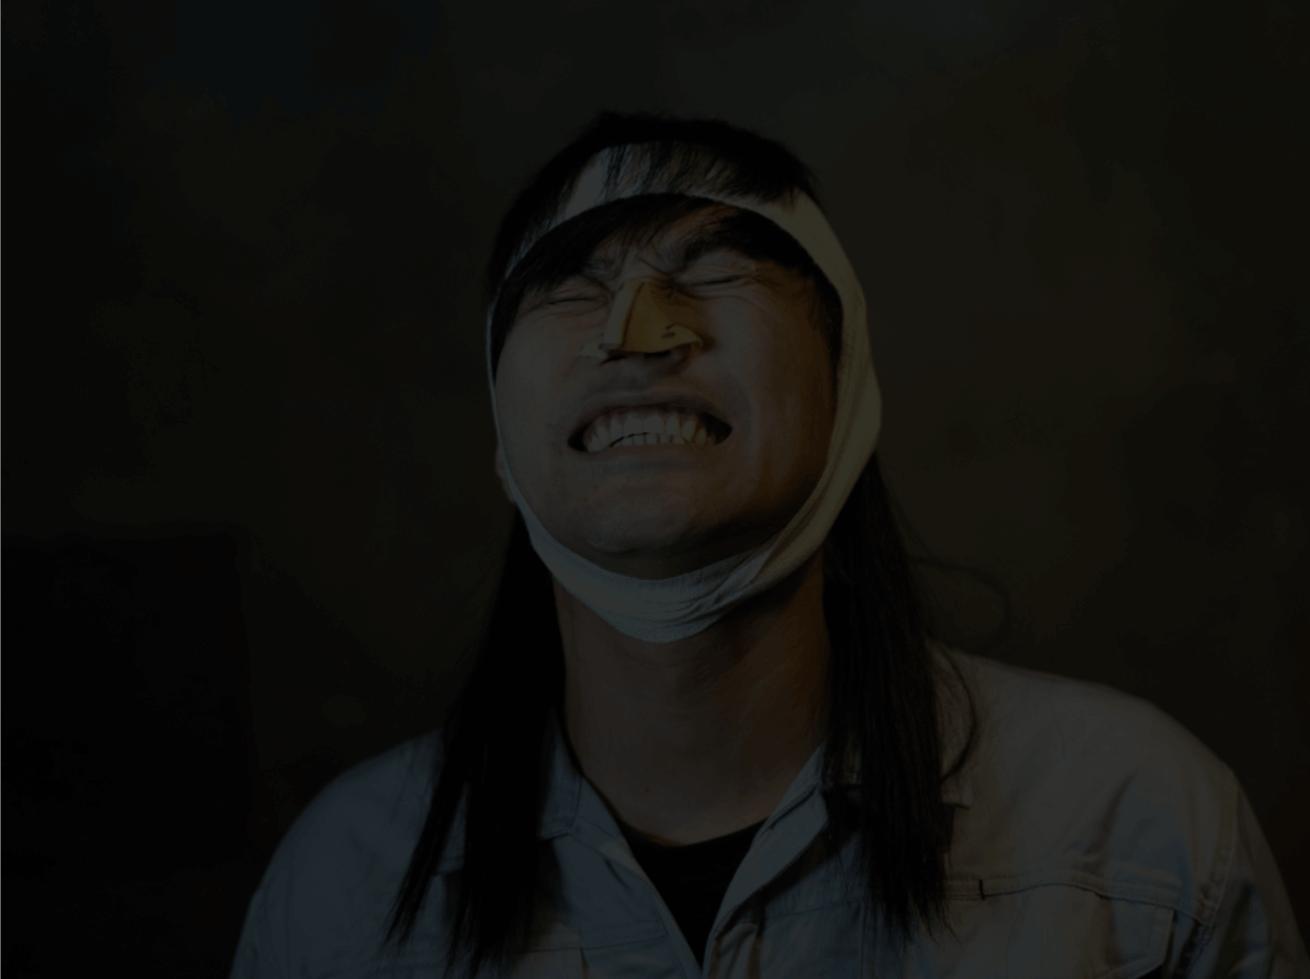 悔しい顔をするイトウ5(だんだん暗くなる)